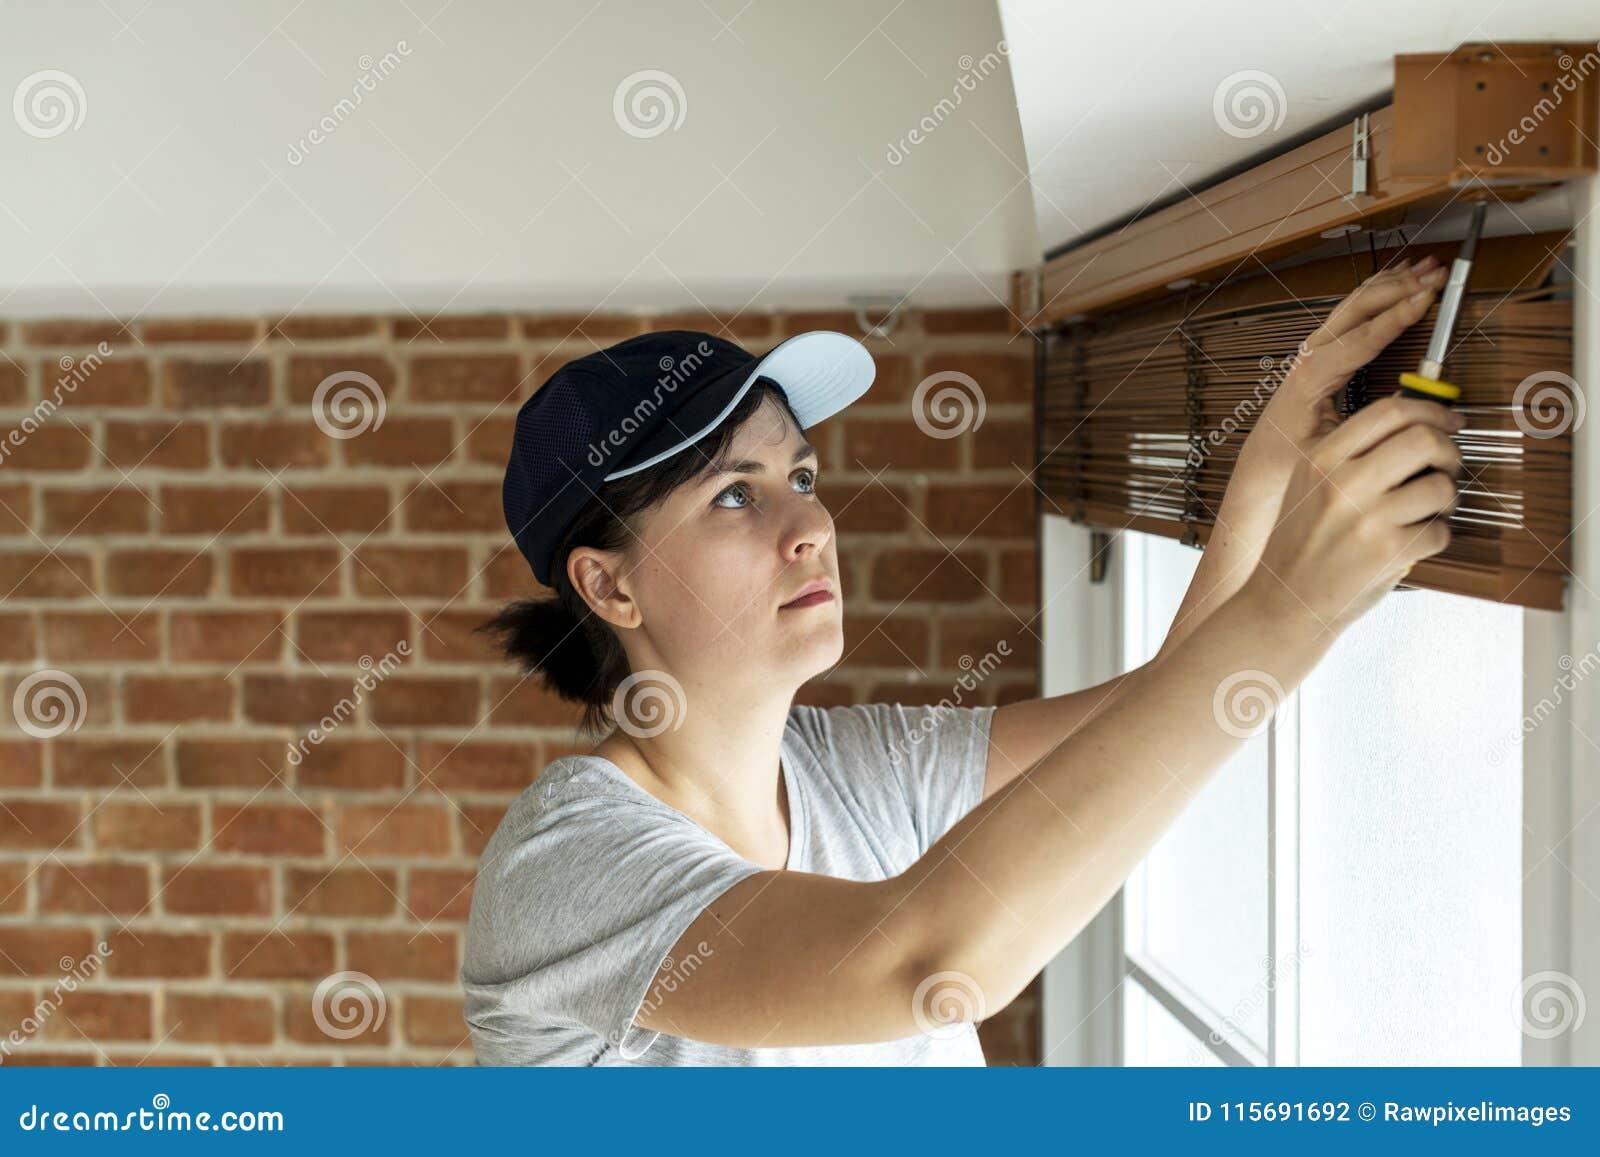 安装窗帘的白人妇女